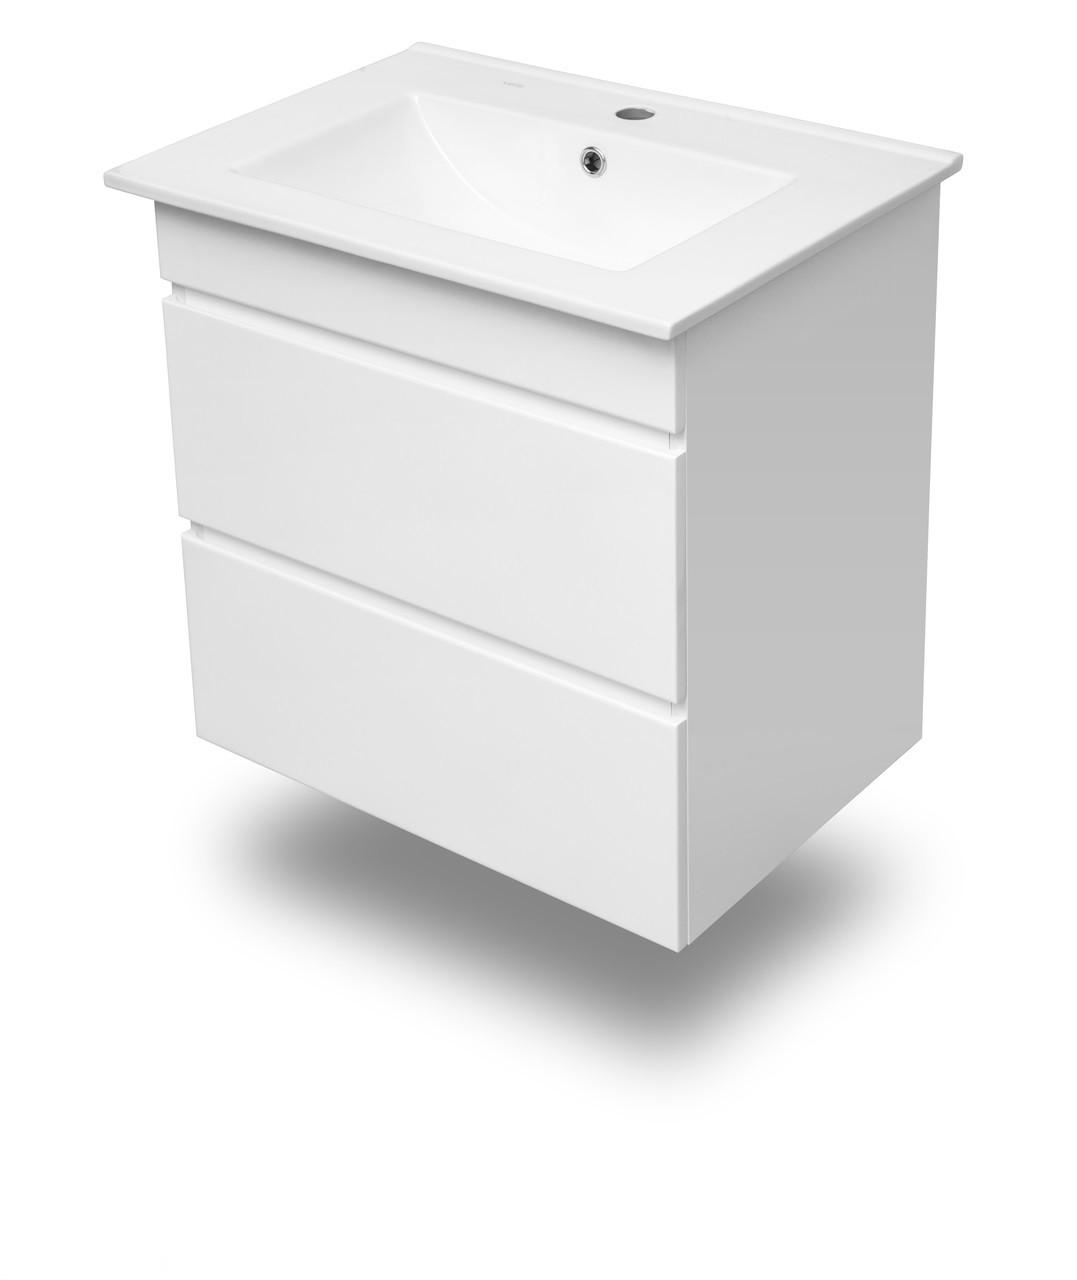 FIESTA комплект меблів 600: тумба підвісна біла (2 ящика)+умивальник накладний